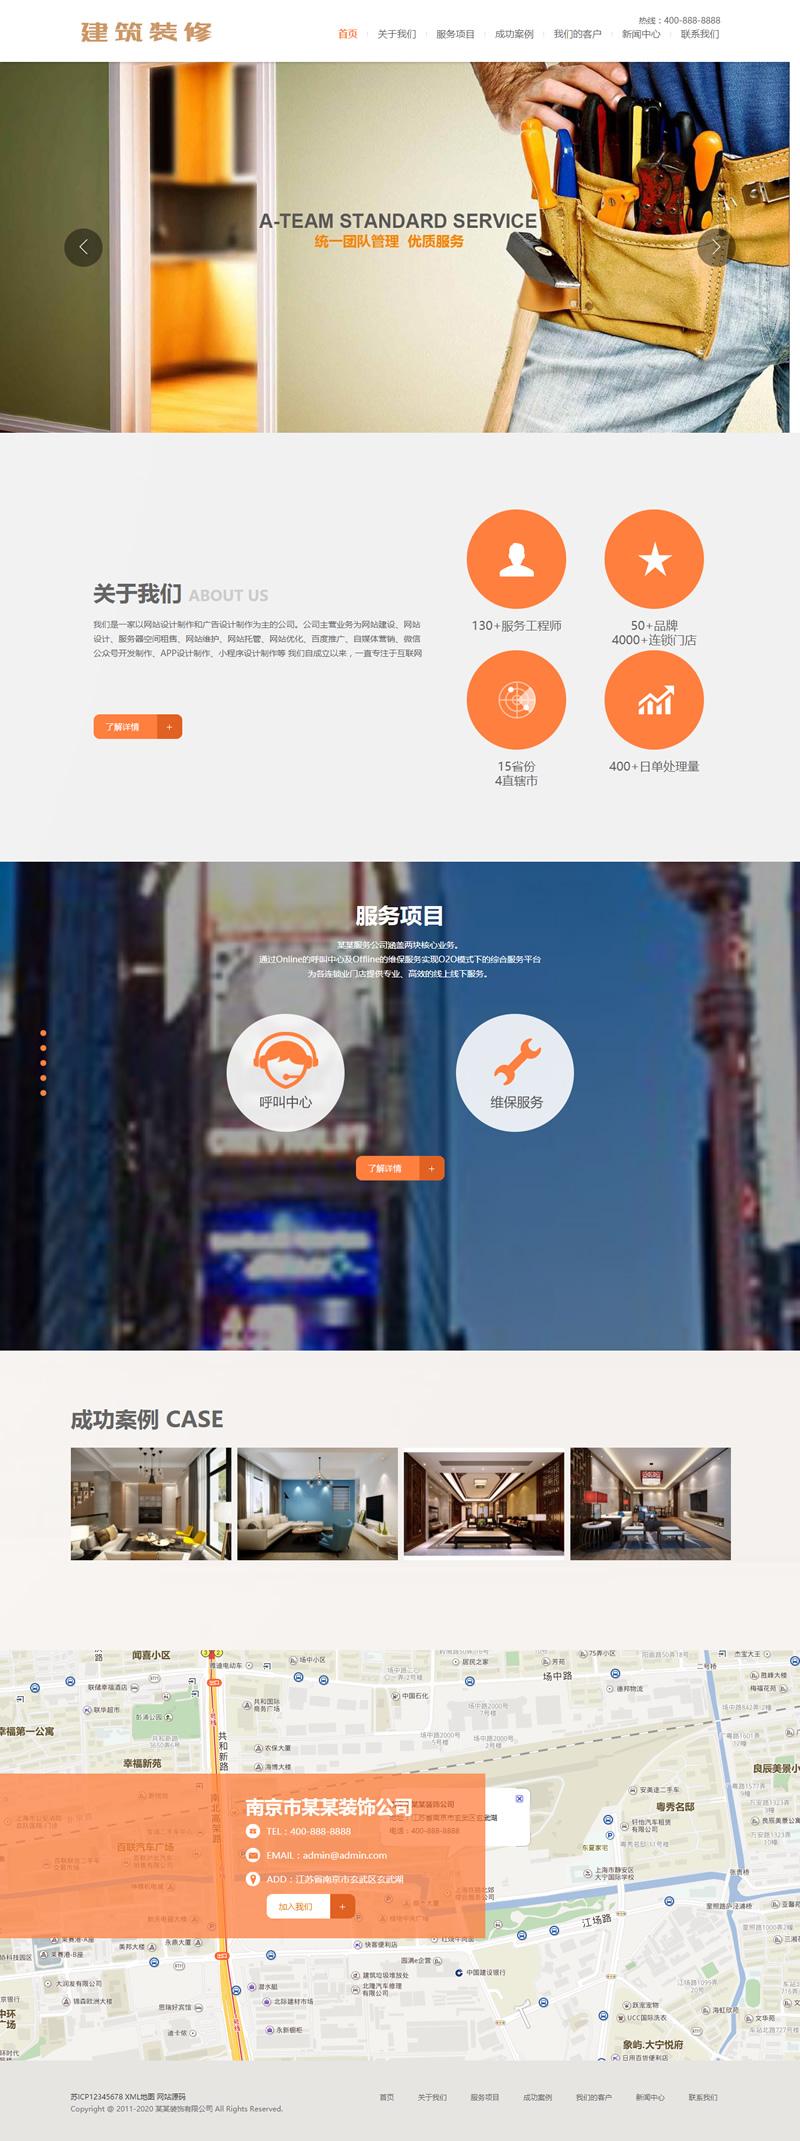 (自适应手机版)响应式建筑装修服务公司网站源码 HTML5建筑行业企业网站织梦模板 第1张